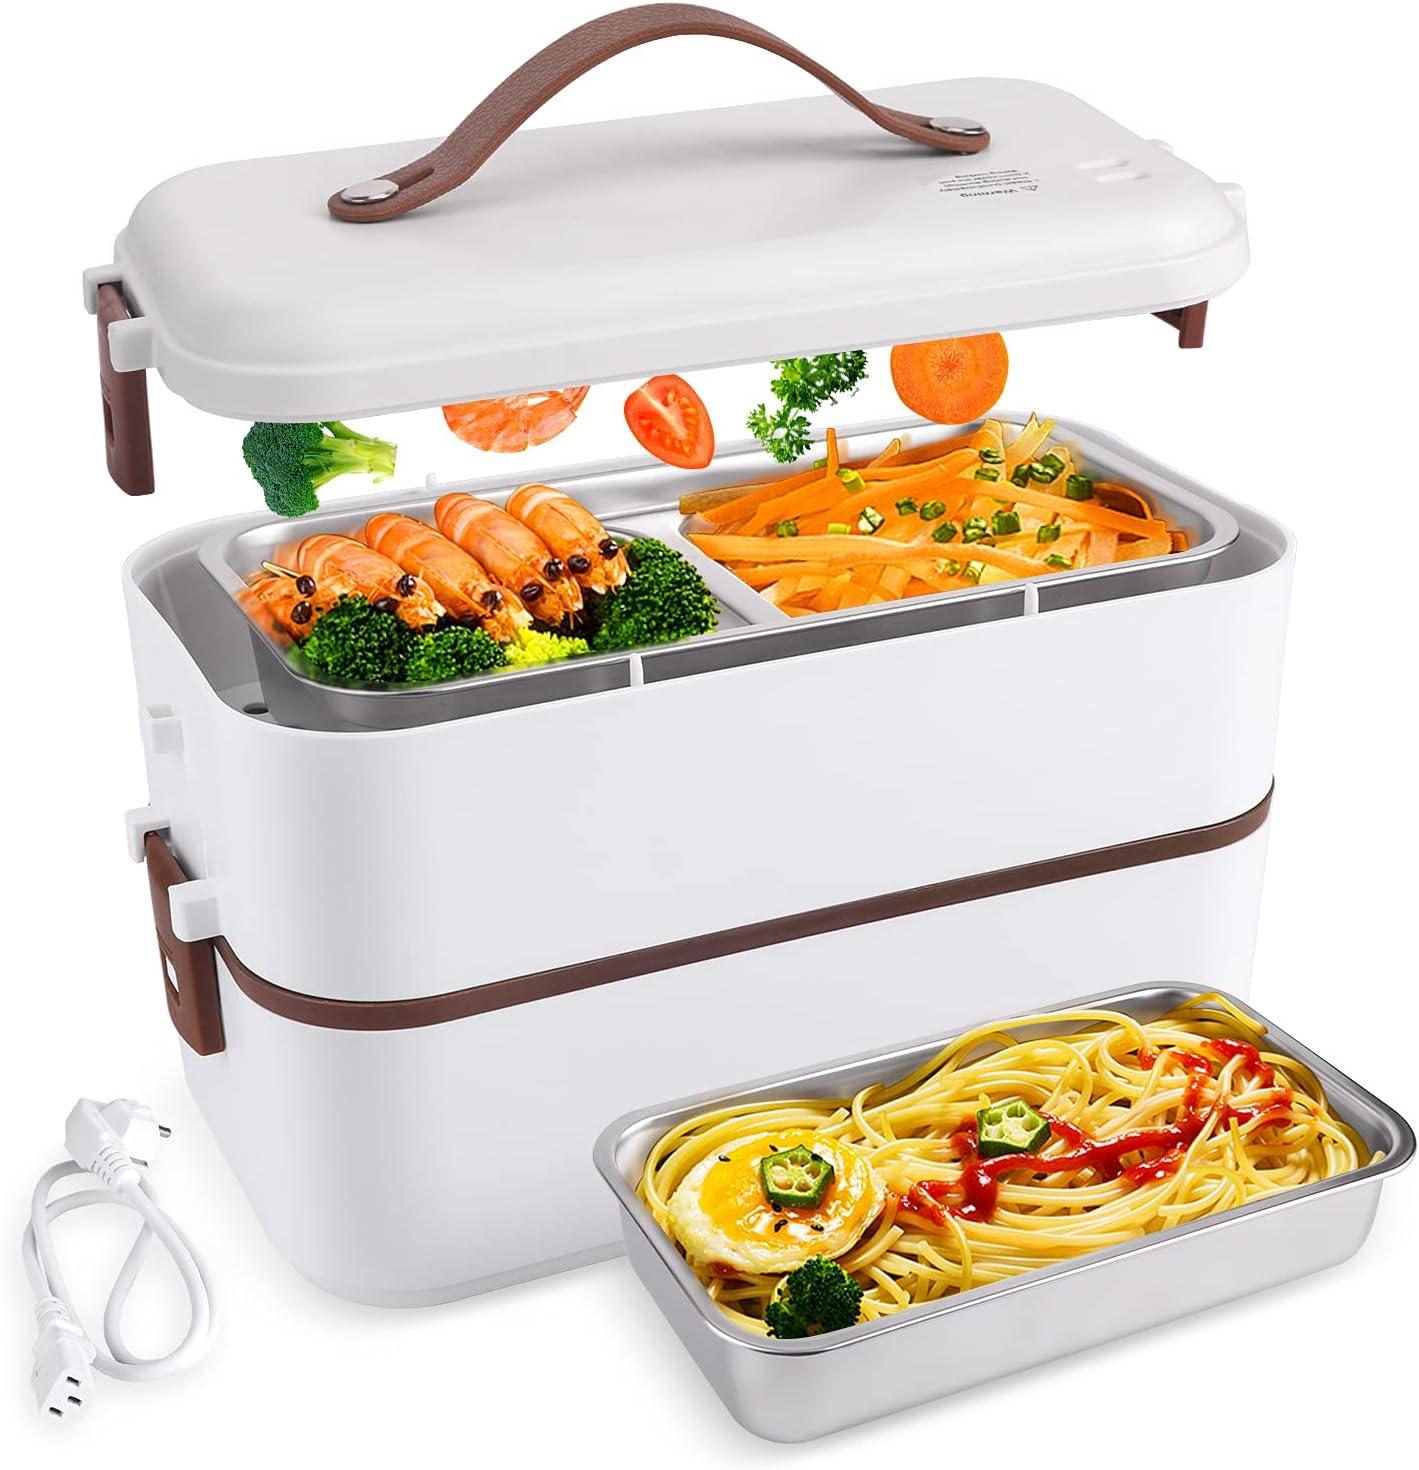 ShiniUni bento box chauffante electriqueavec récipient en acier inoxydable de qualité alimentaire, y compris la vaisselle pour le bureau et les déplacements